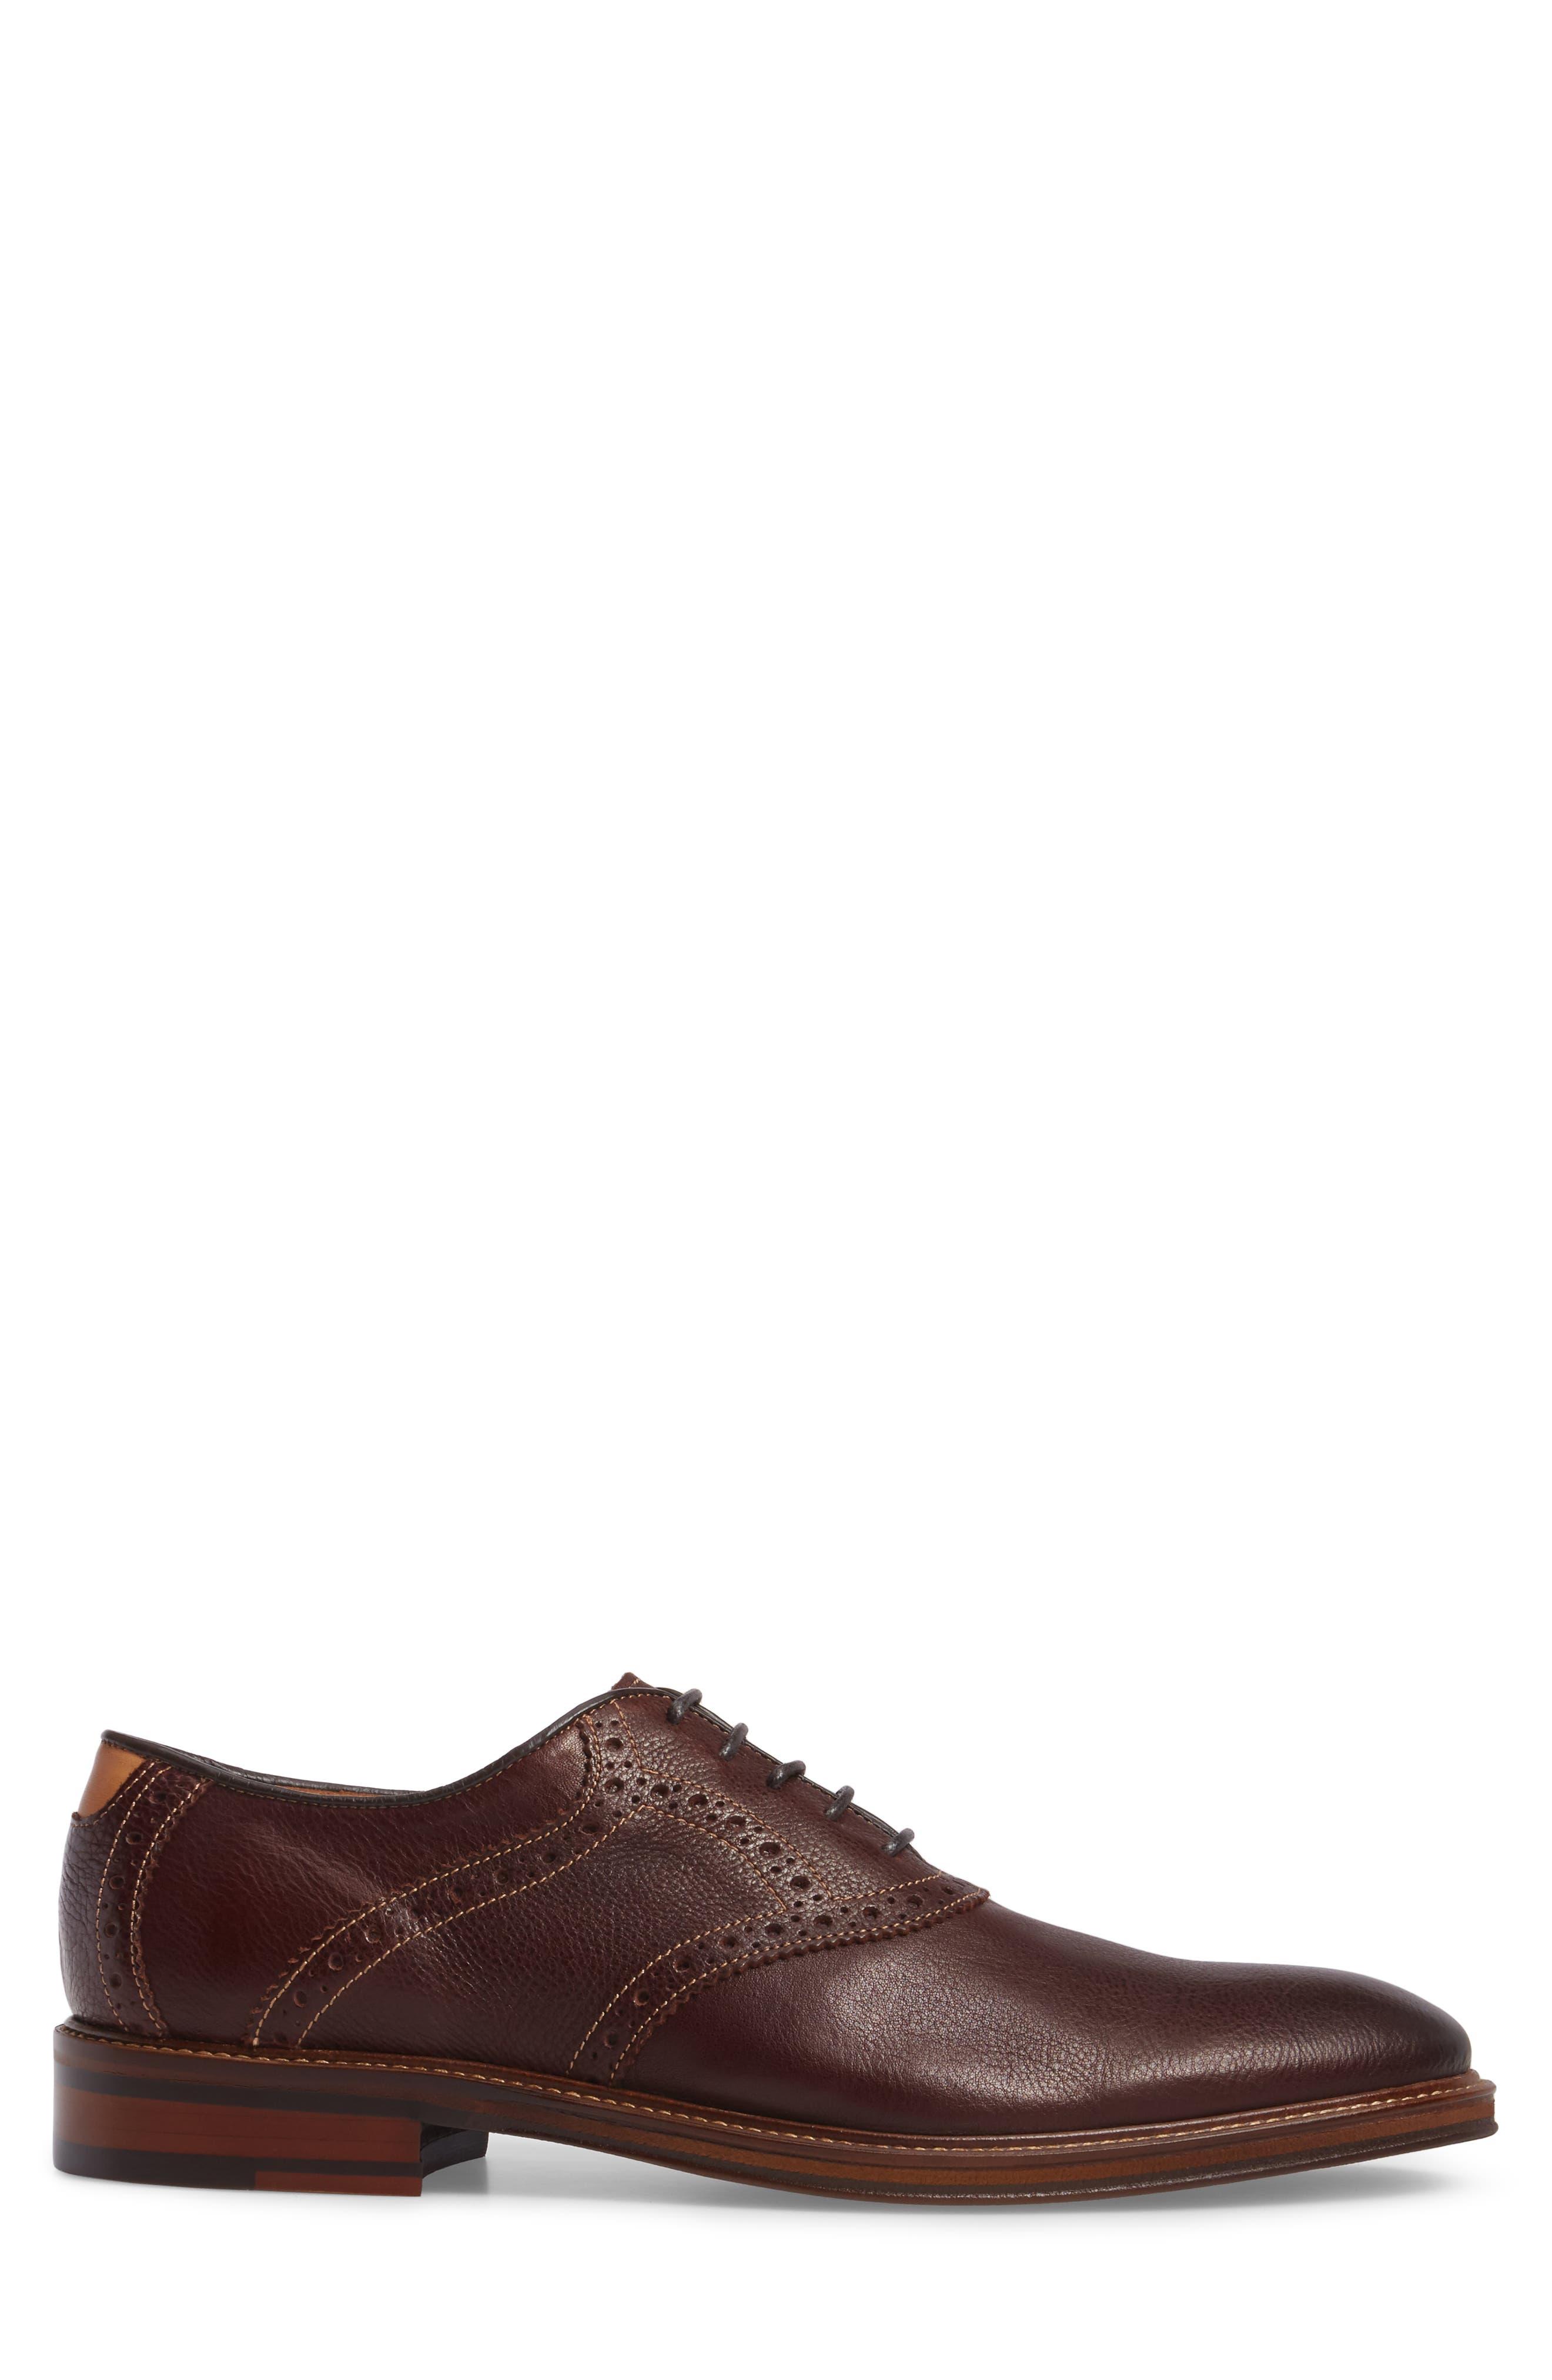 Alternate Image 3  - Johnston & Murphy Warner Saddle Shoe (Men)